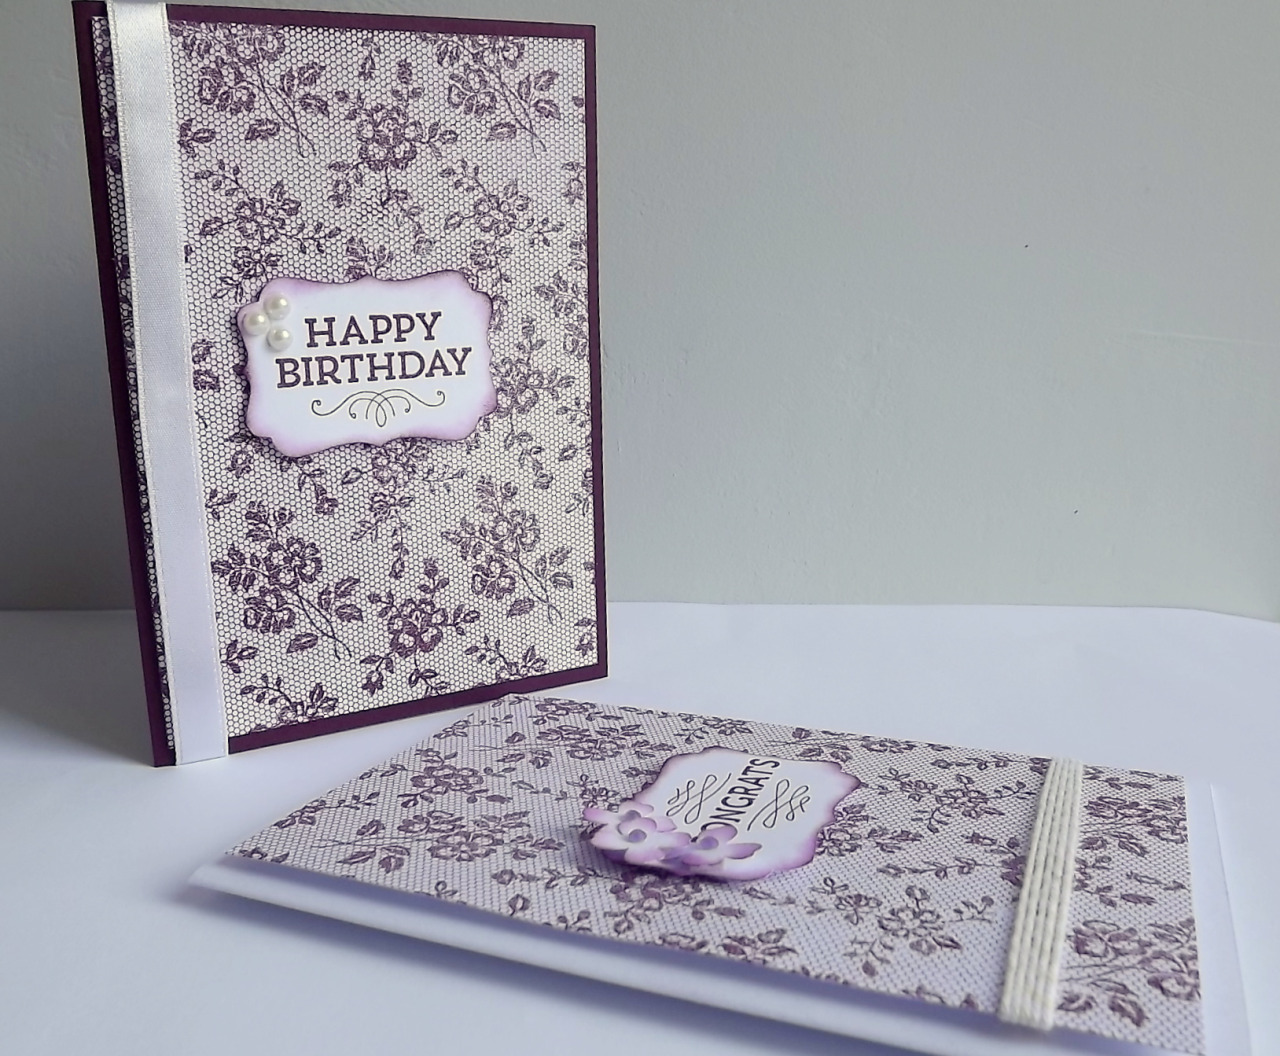 carte d'anniversaire faite maison par Maudie numéro 19